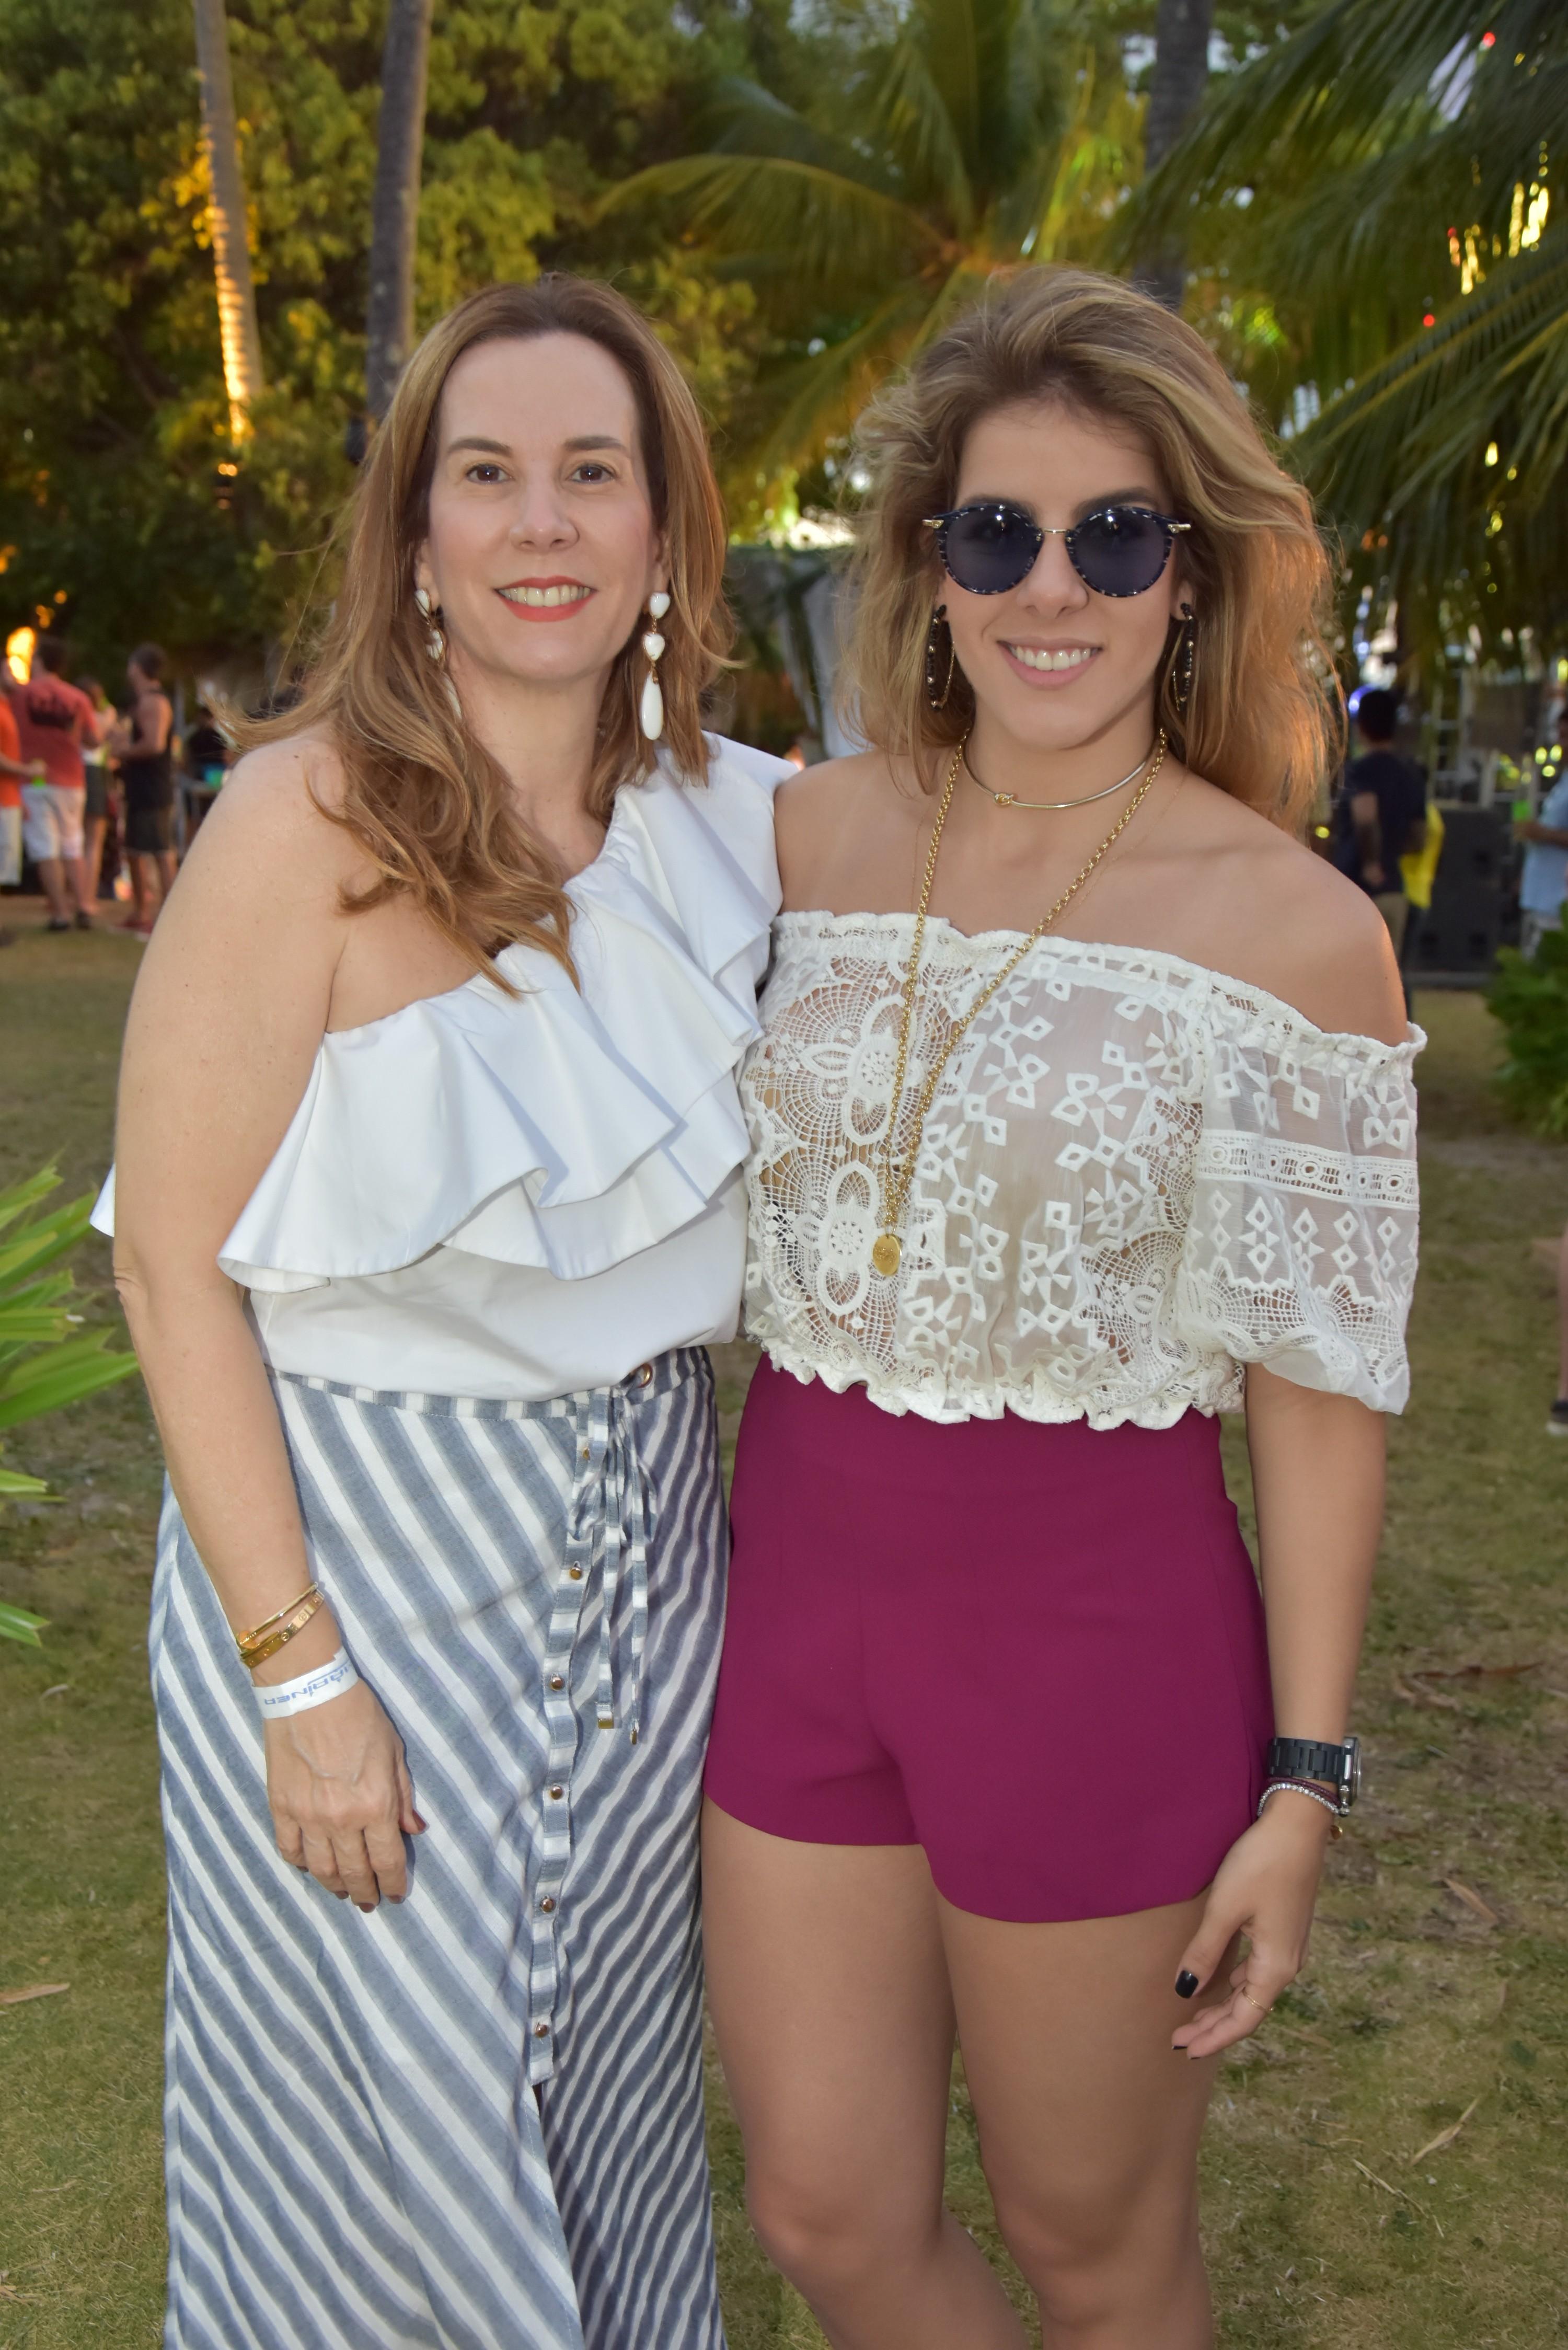 Mãe e filha: Andreia e Victoria Pinteiro - Crédito: Camila Neves/Le Porte